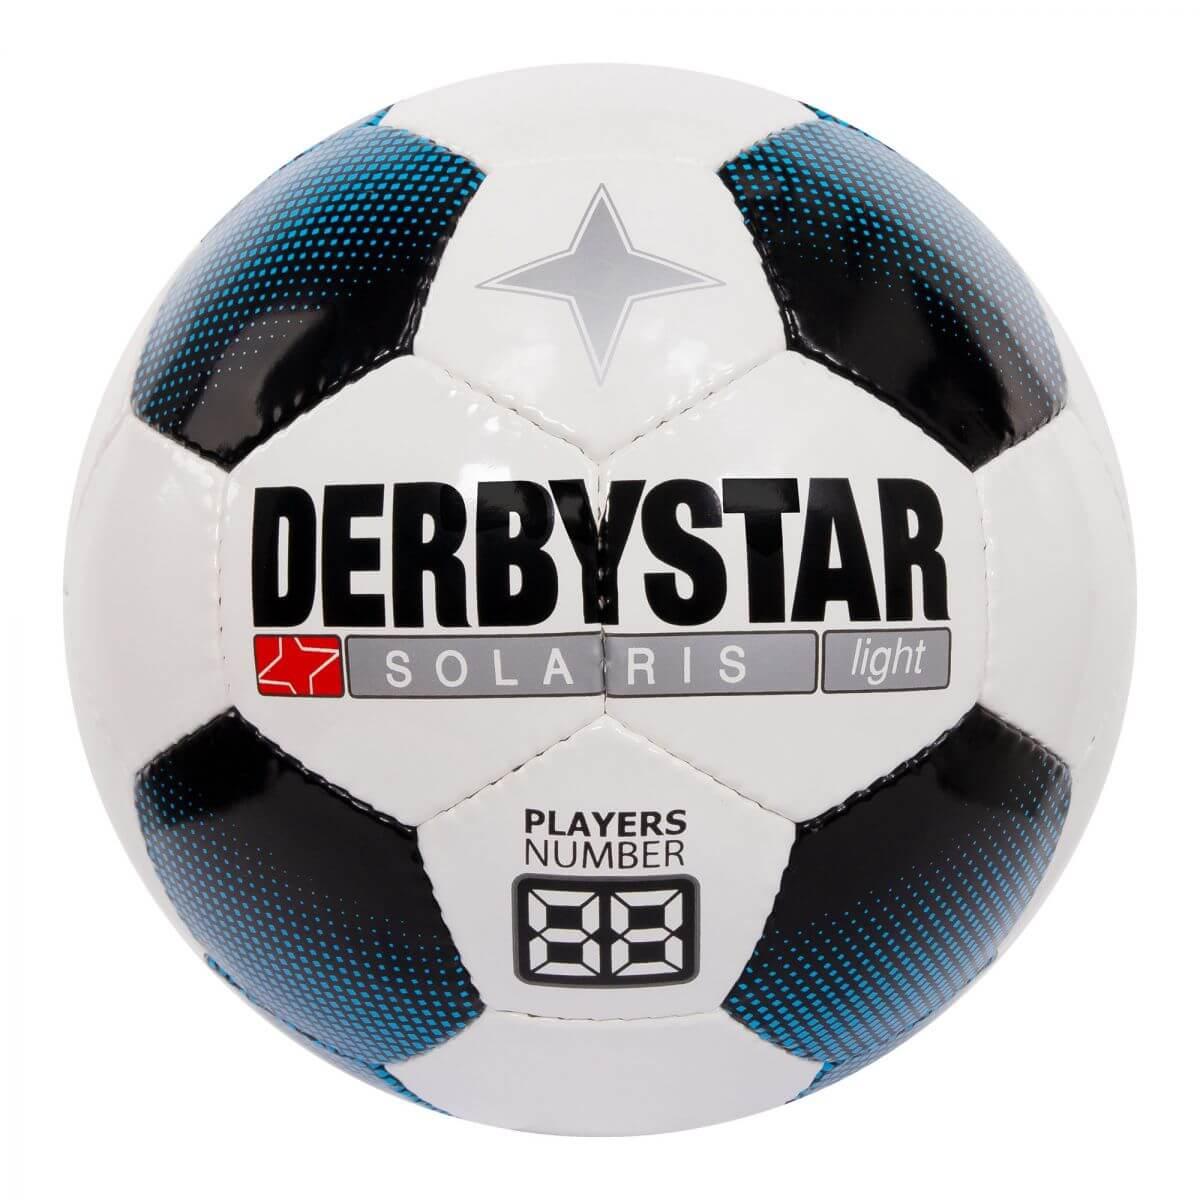 derbystar solaris tt-light